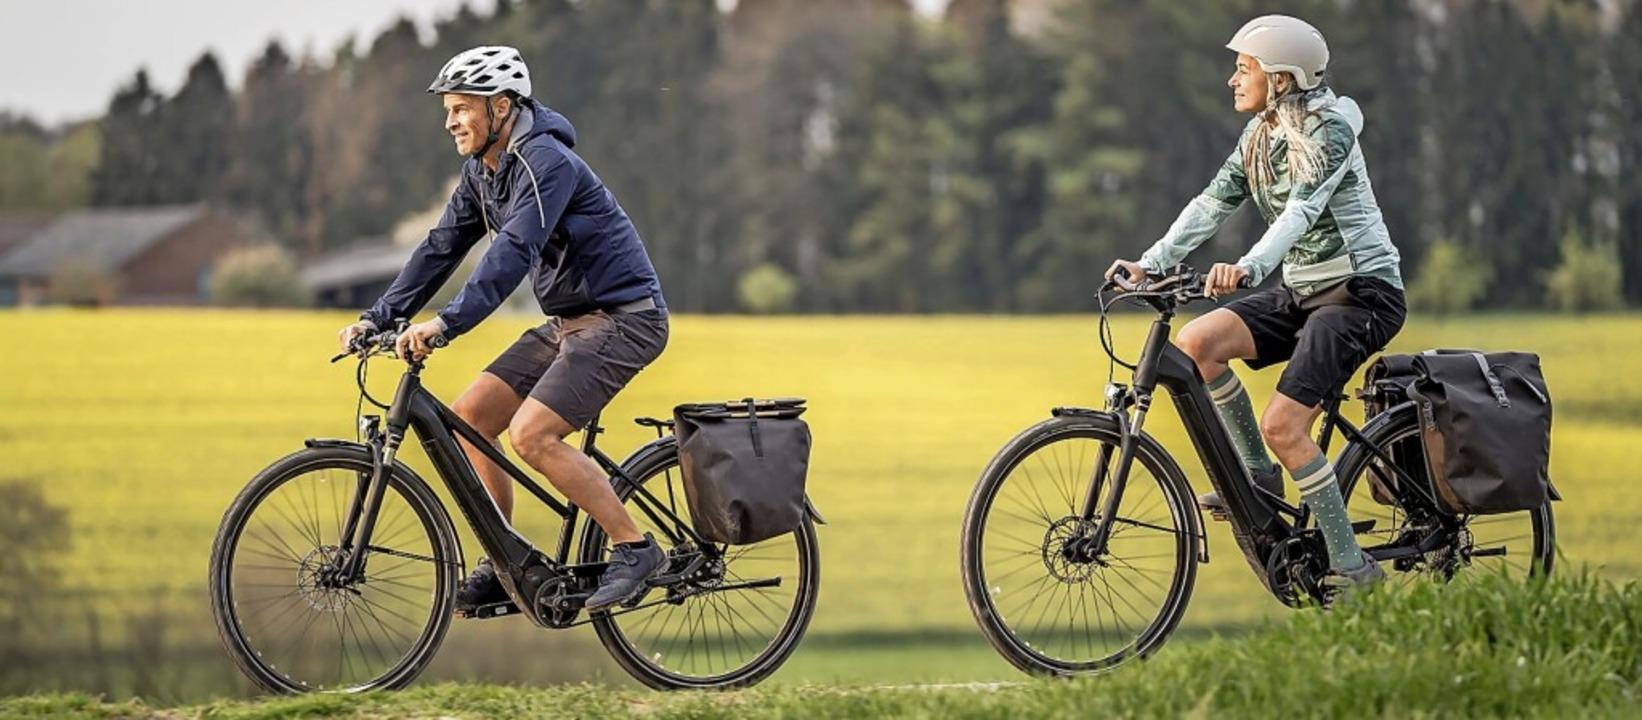 Fahrräder mit tiefem Einstieg sind auch als E-Bikes beliebt.  | Foto: brose-ebike.com